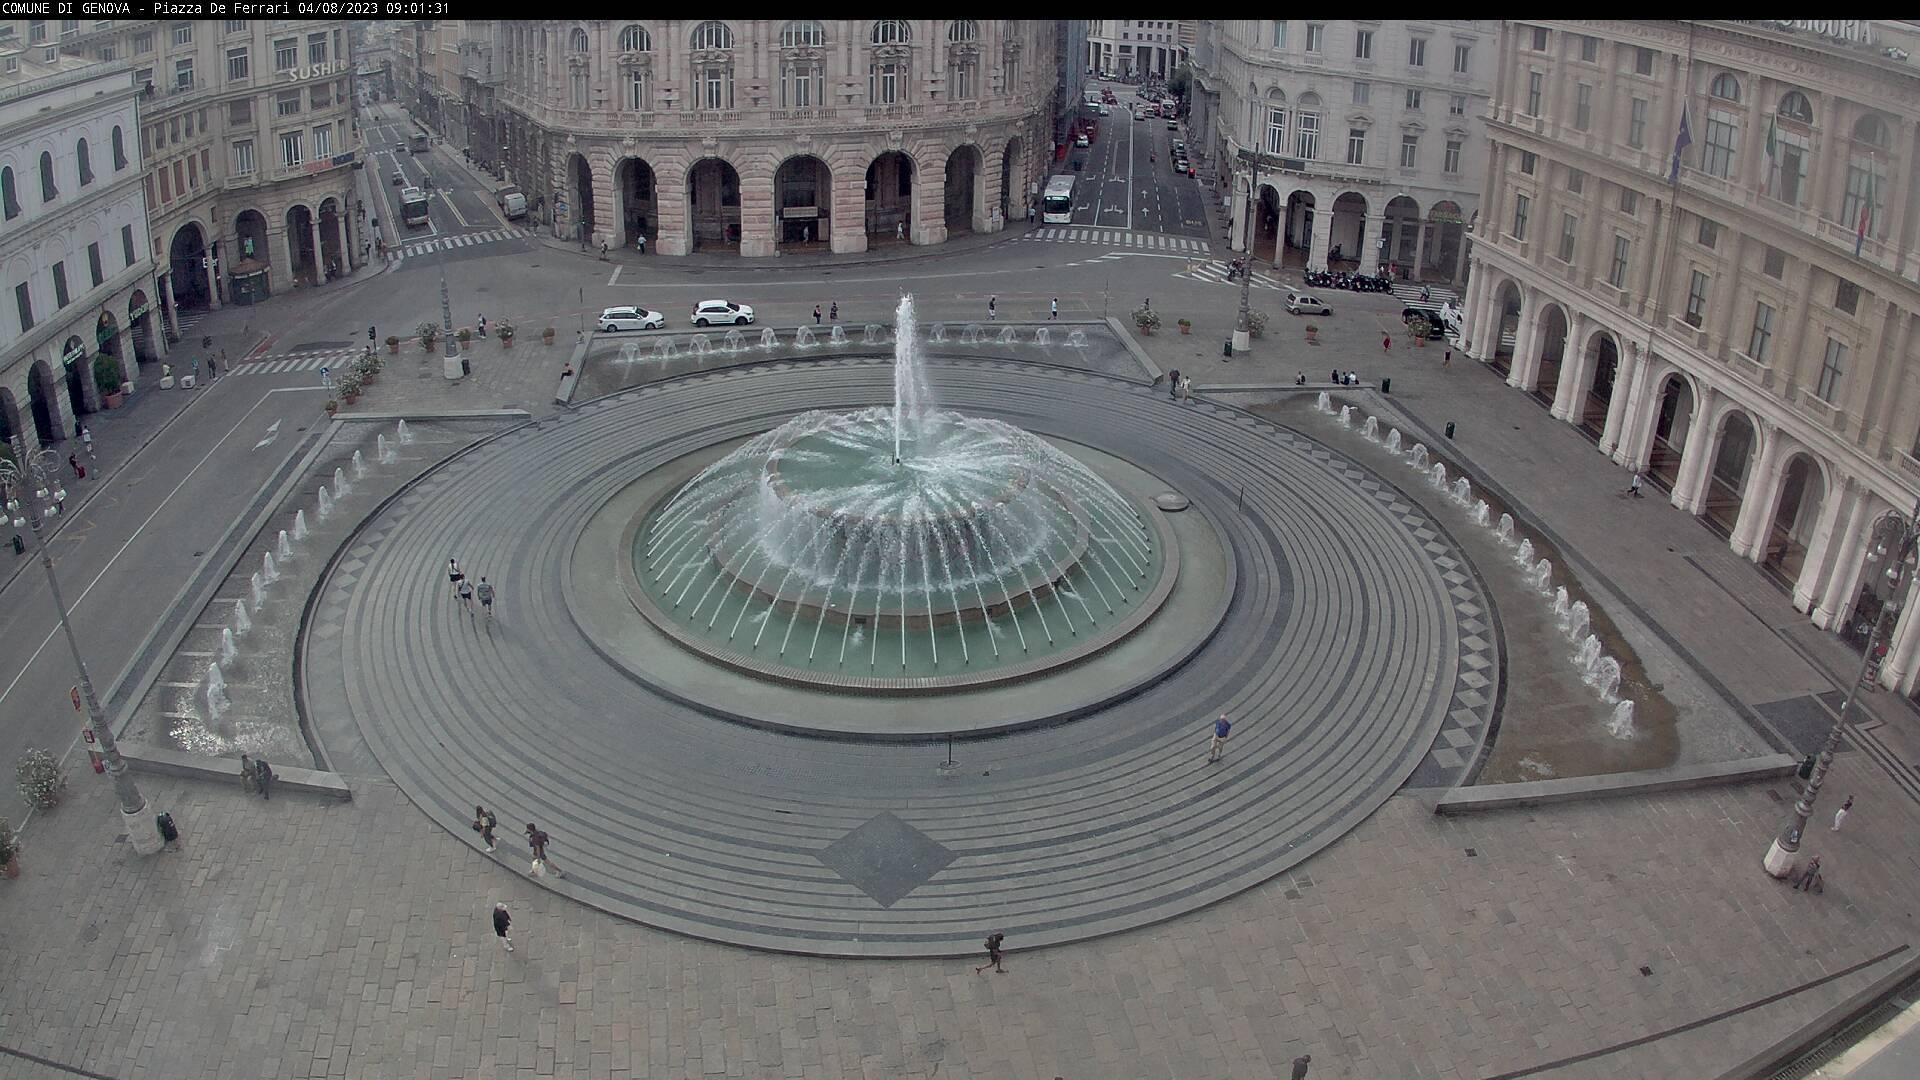 Webcam Genoa: Piazza De Ferrari